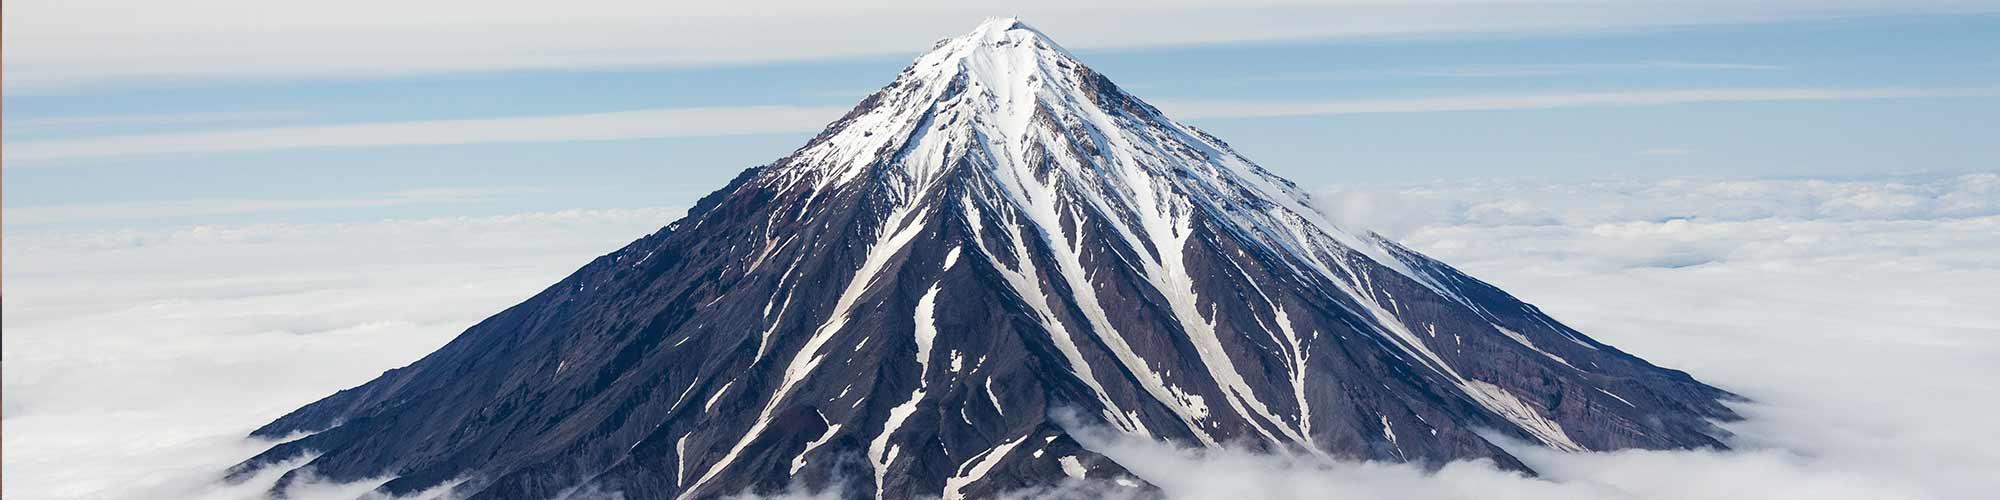 Kamchatka, más allá de Siberia - EL PAIS Viajes